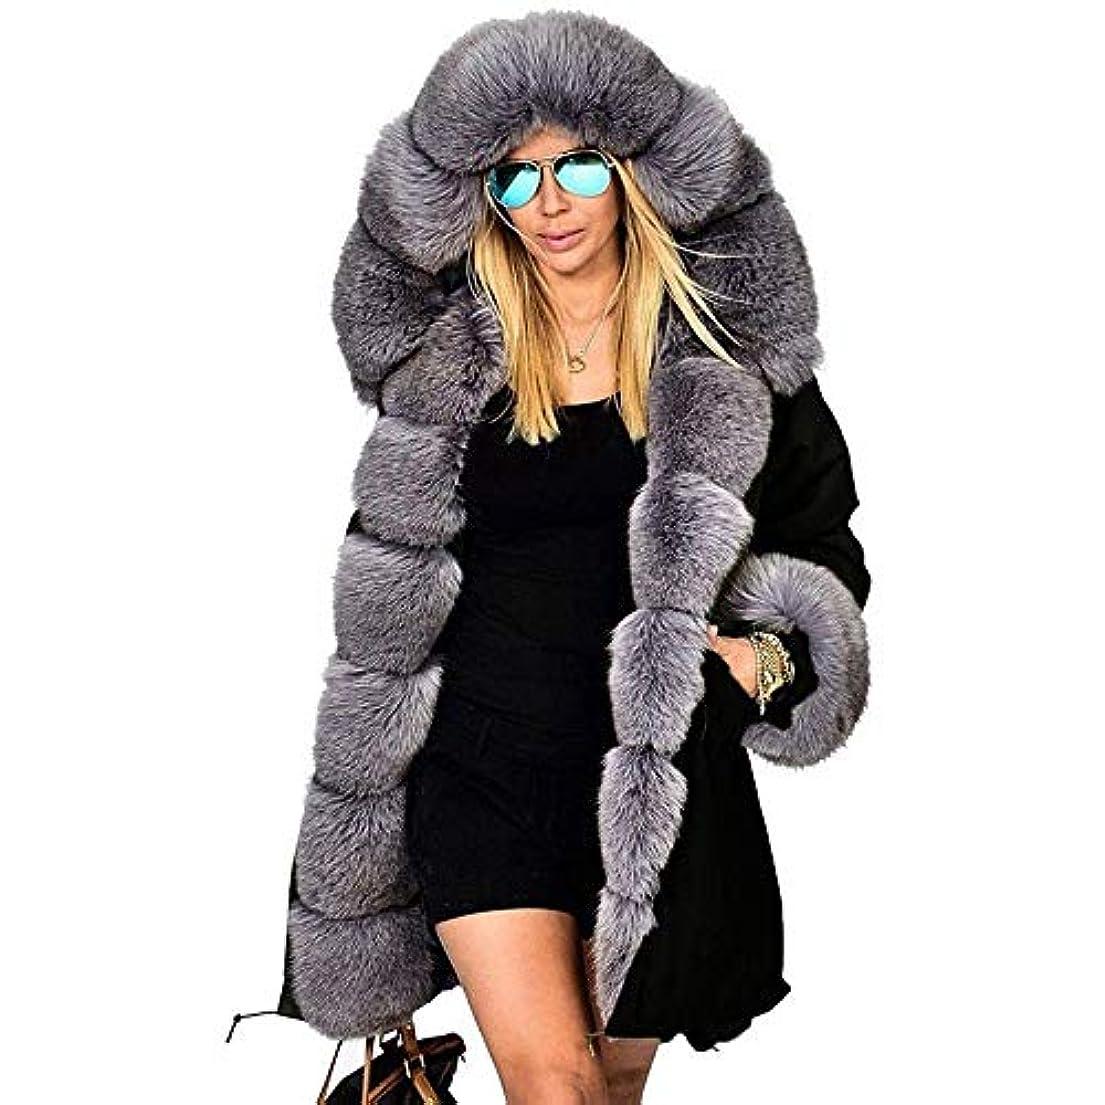 プレゼンター冗談でピケファッションウィメンズジャケット女性ウォームコートフェイクファーコットンオーバーコート女性ロングフードコートパーカー,XXL